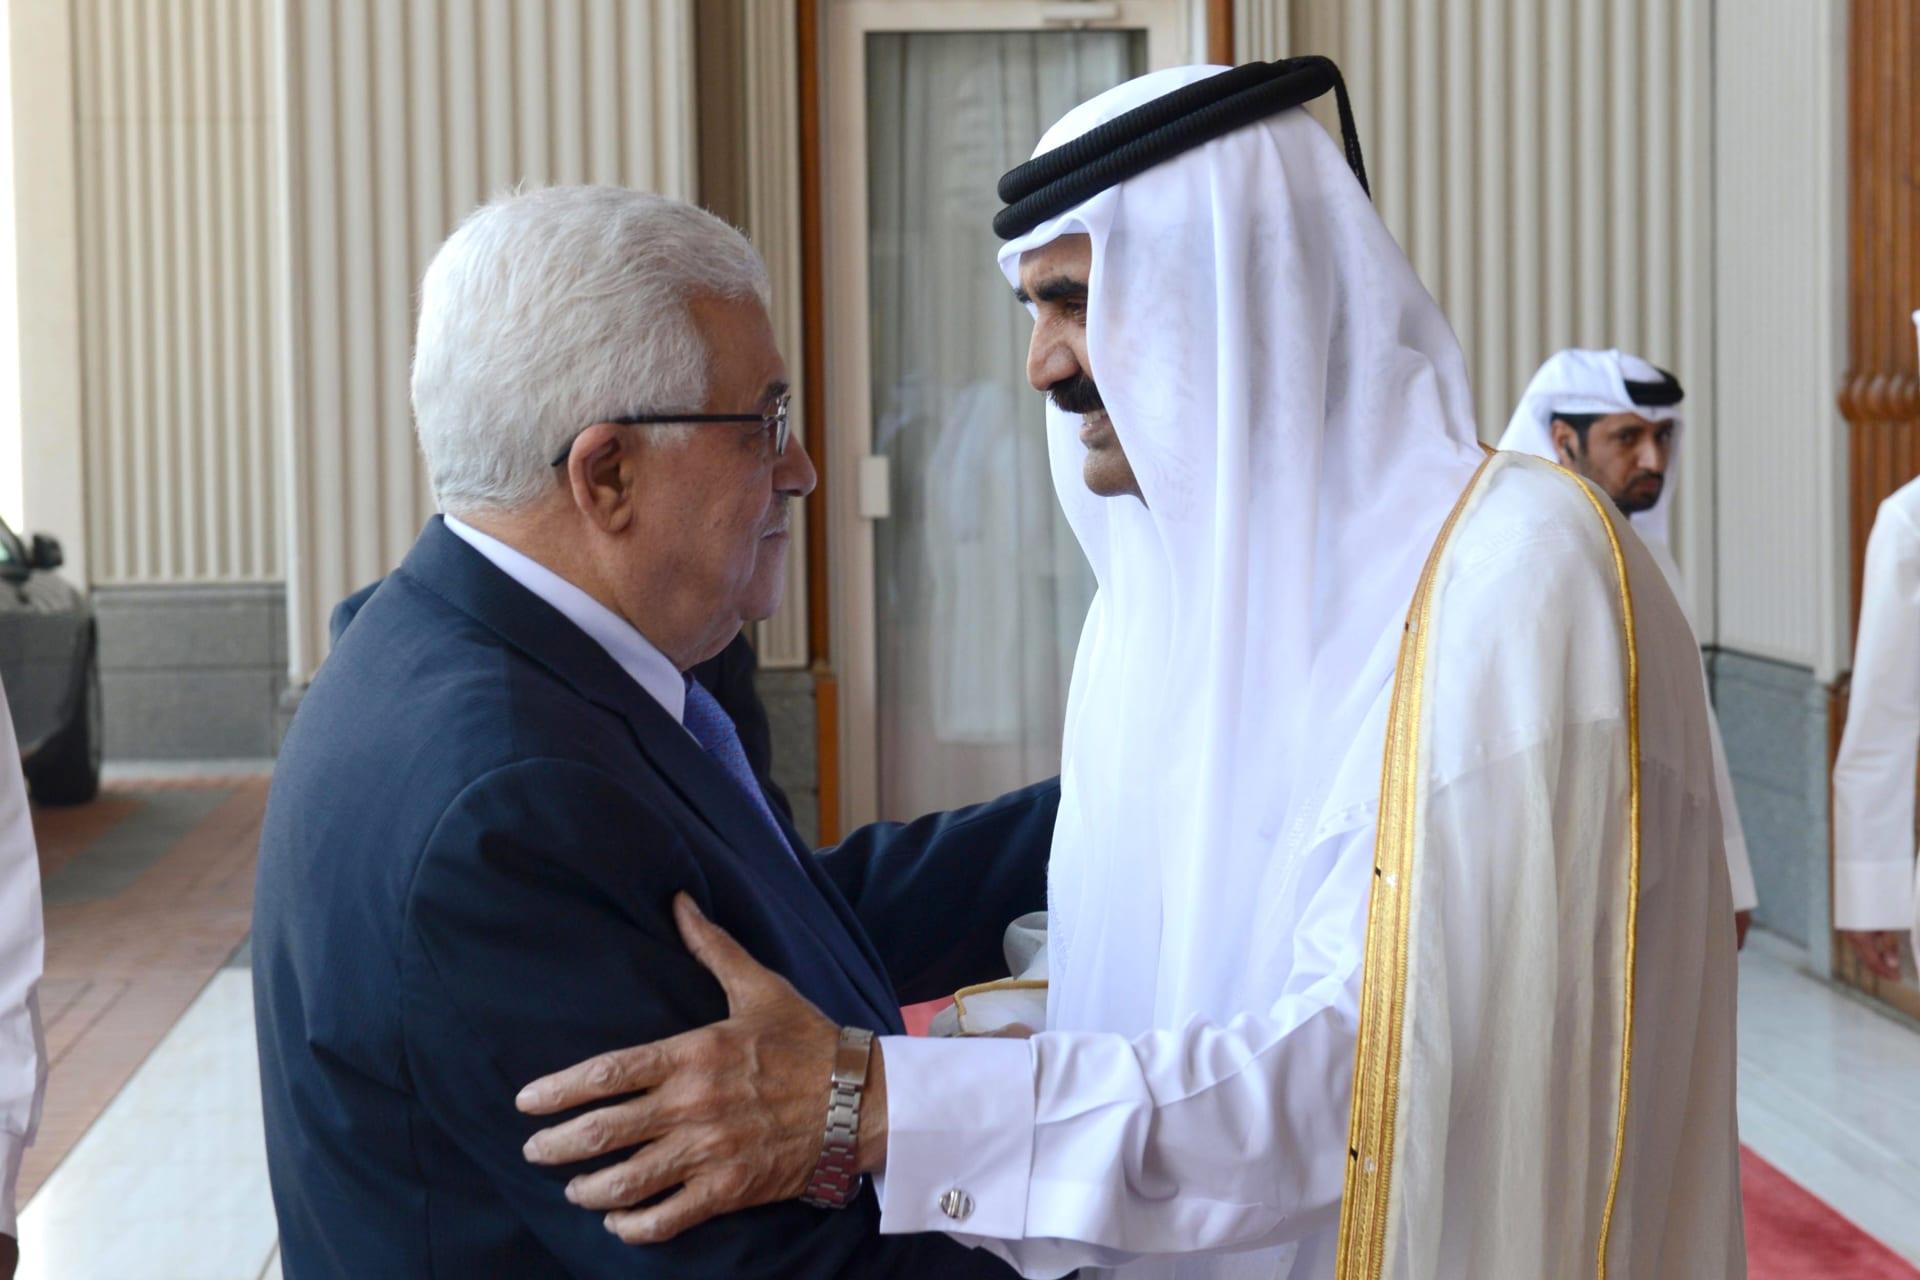 بعد أيام على تطبيع العلاقات بين المغرب وإسرائيل.. عباس يلتقي أمير قطر في الدوحة